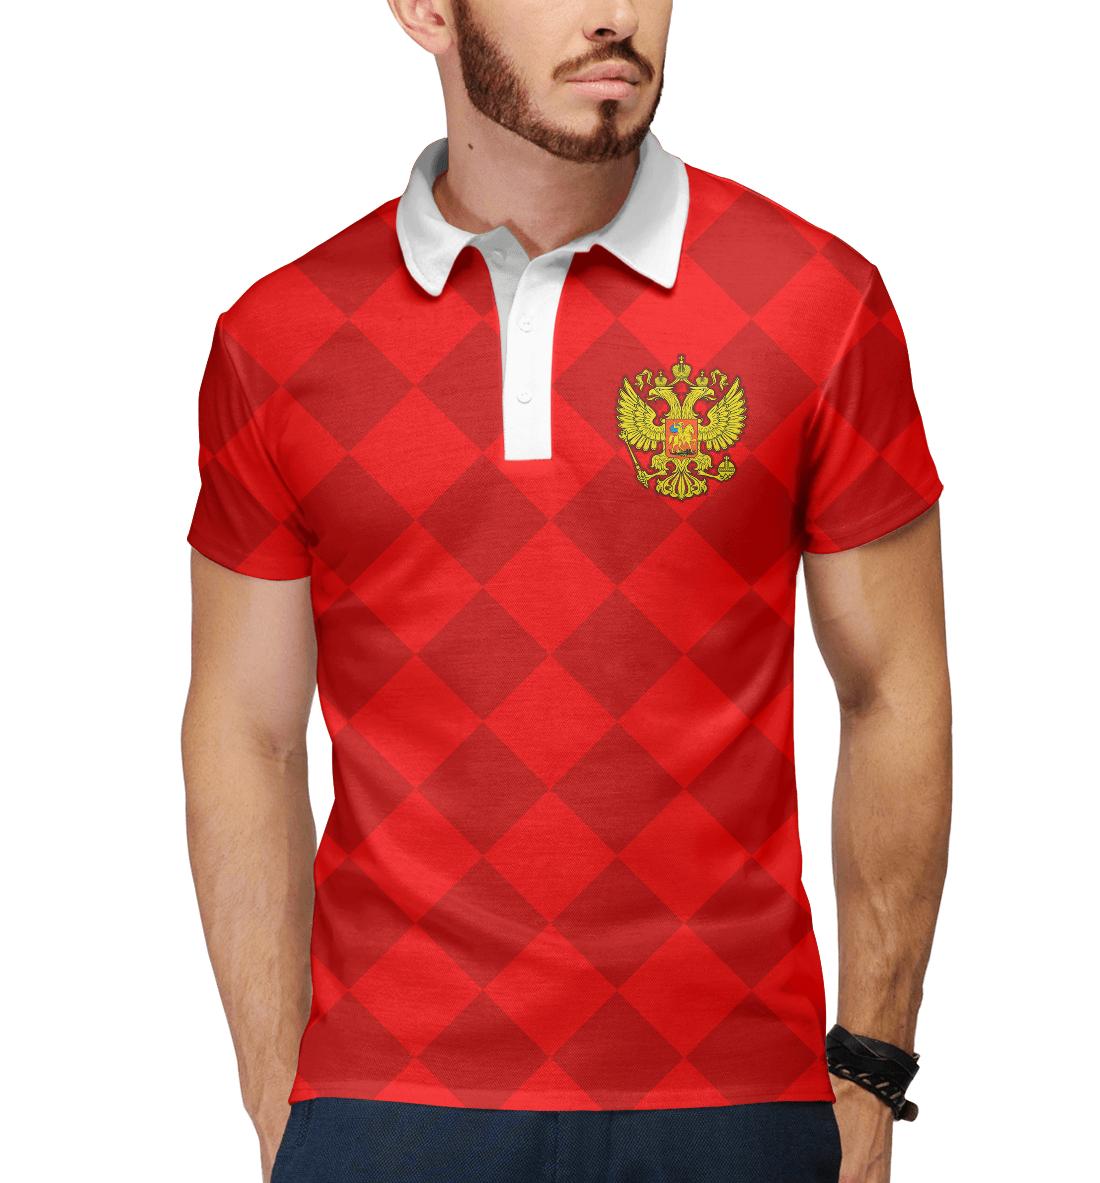 Купить Сборная России, Printbar, Поло, FNS-987504-pol-2